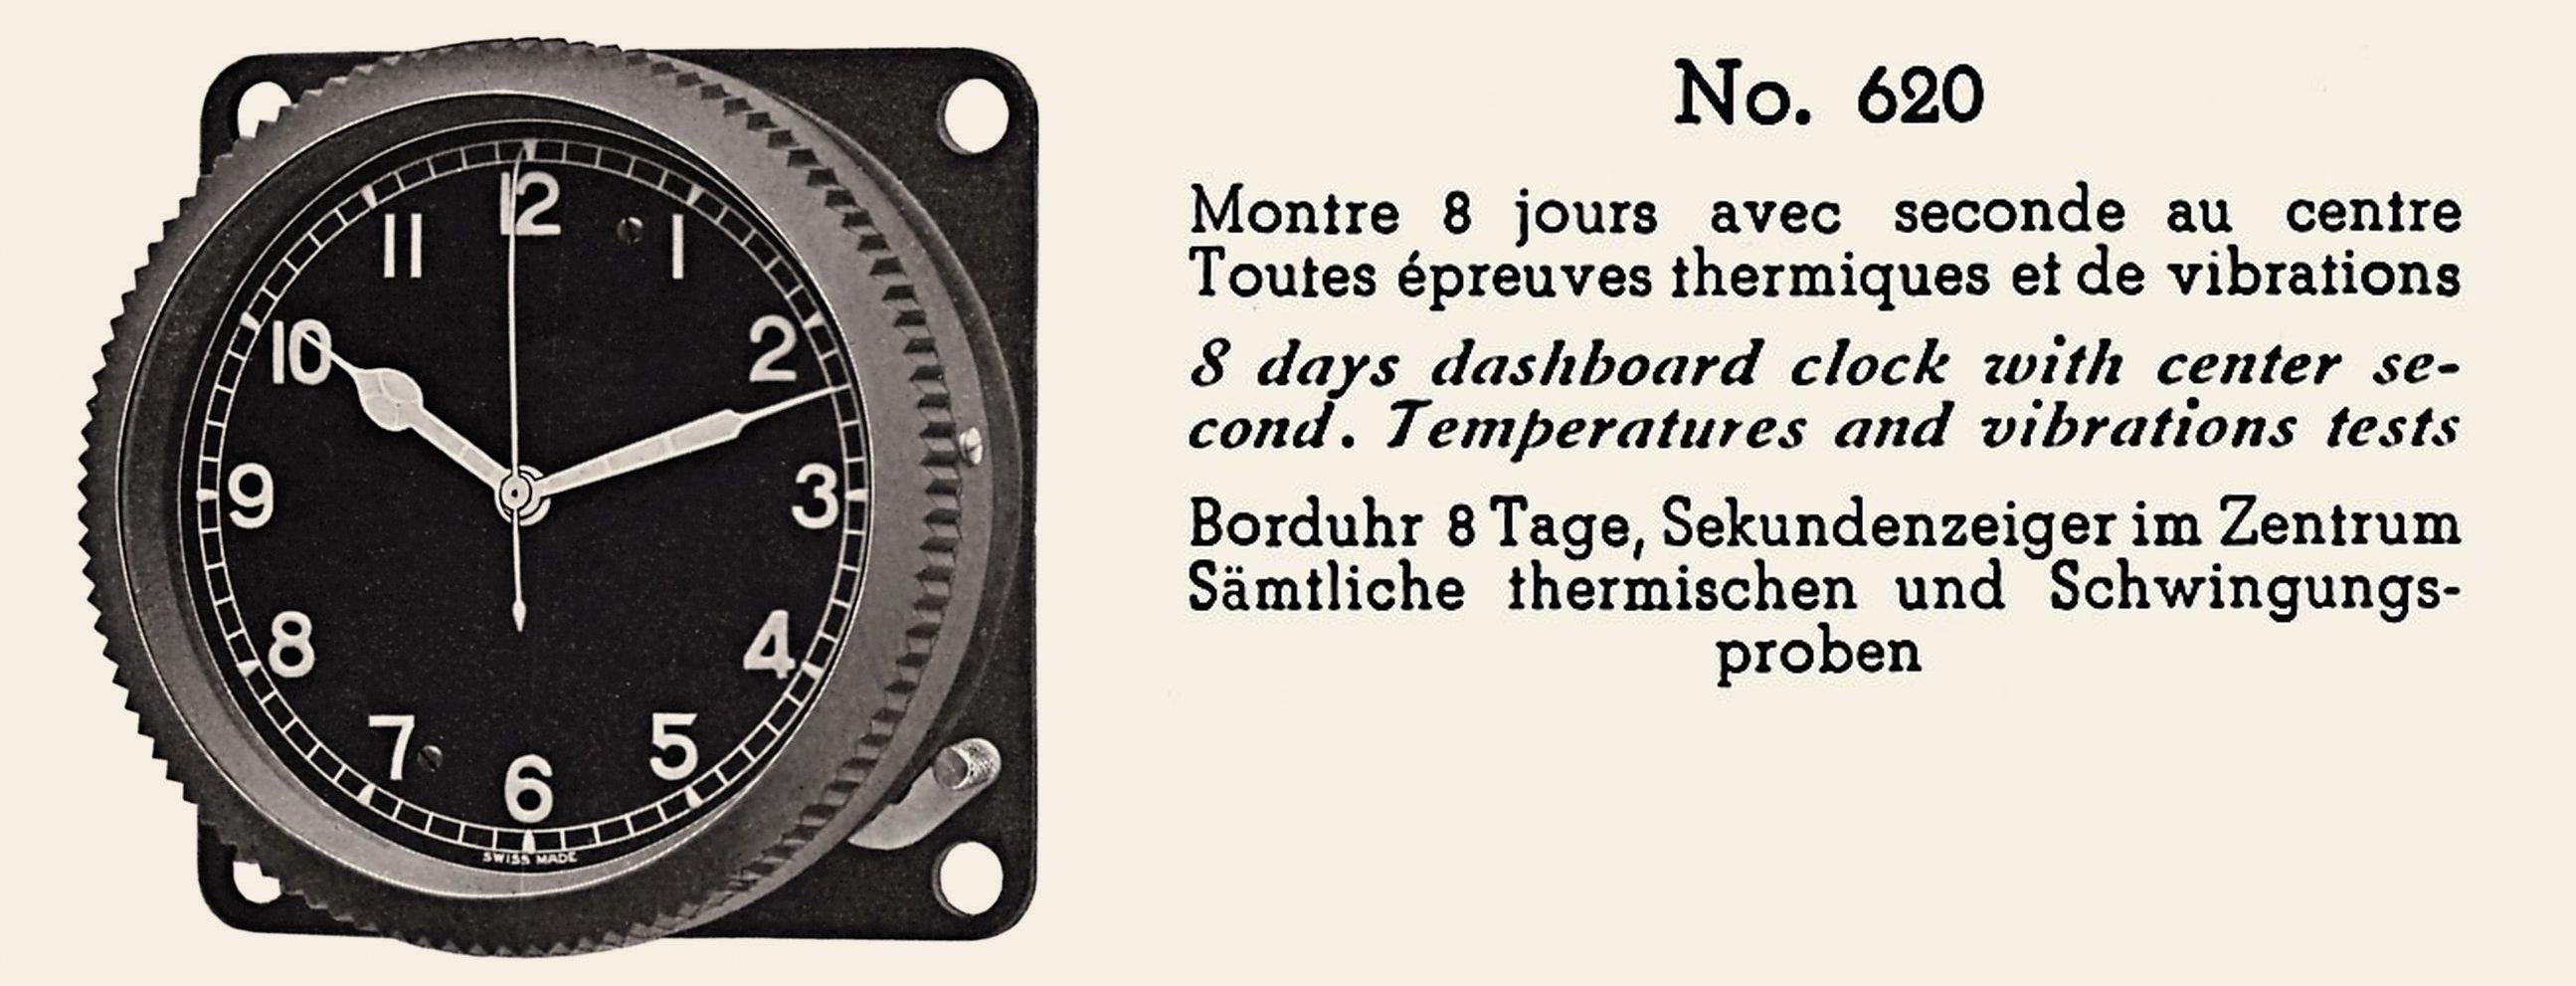 Breitling montre de bord référence 620